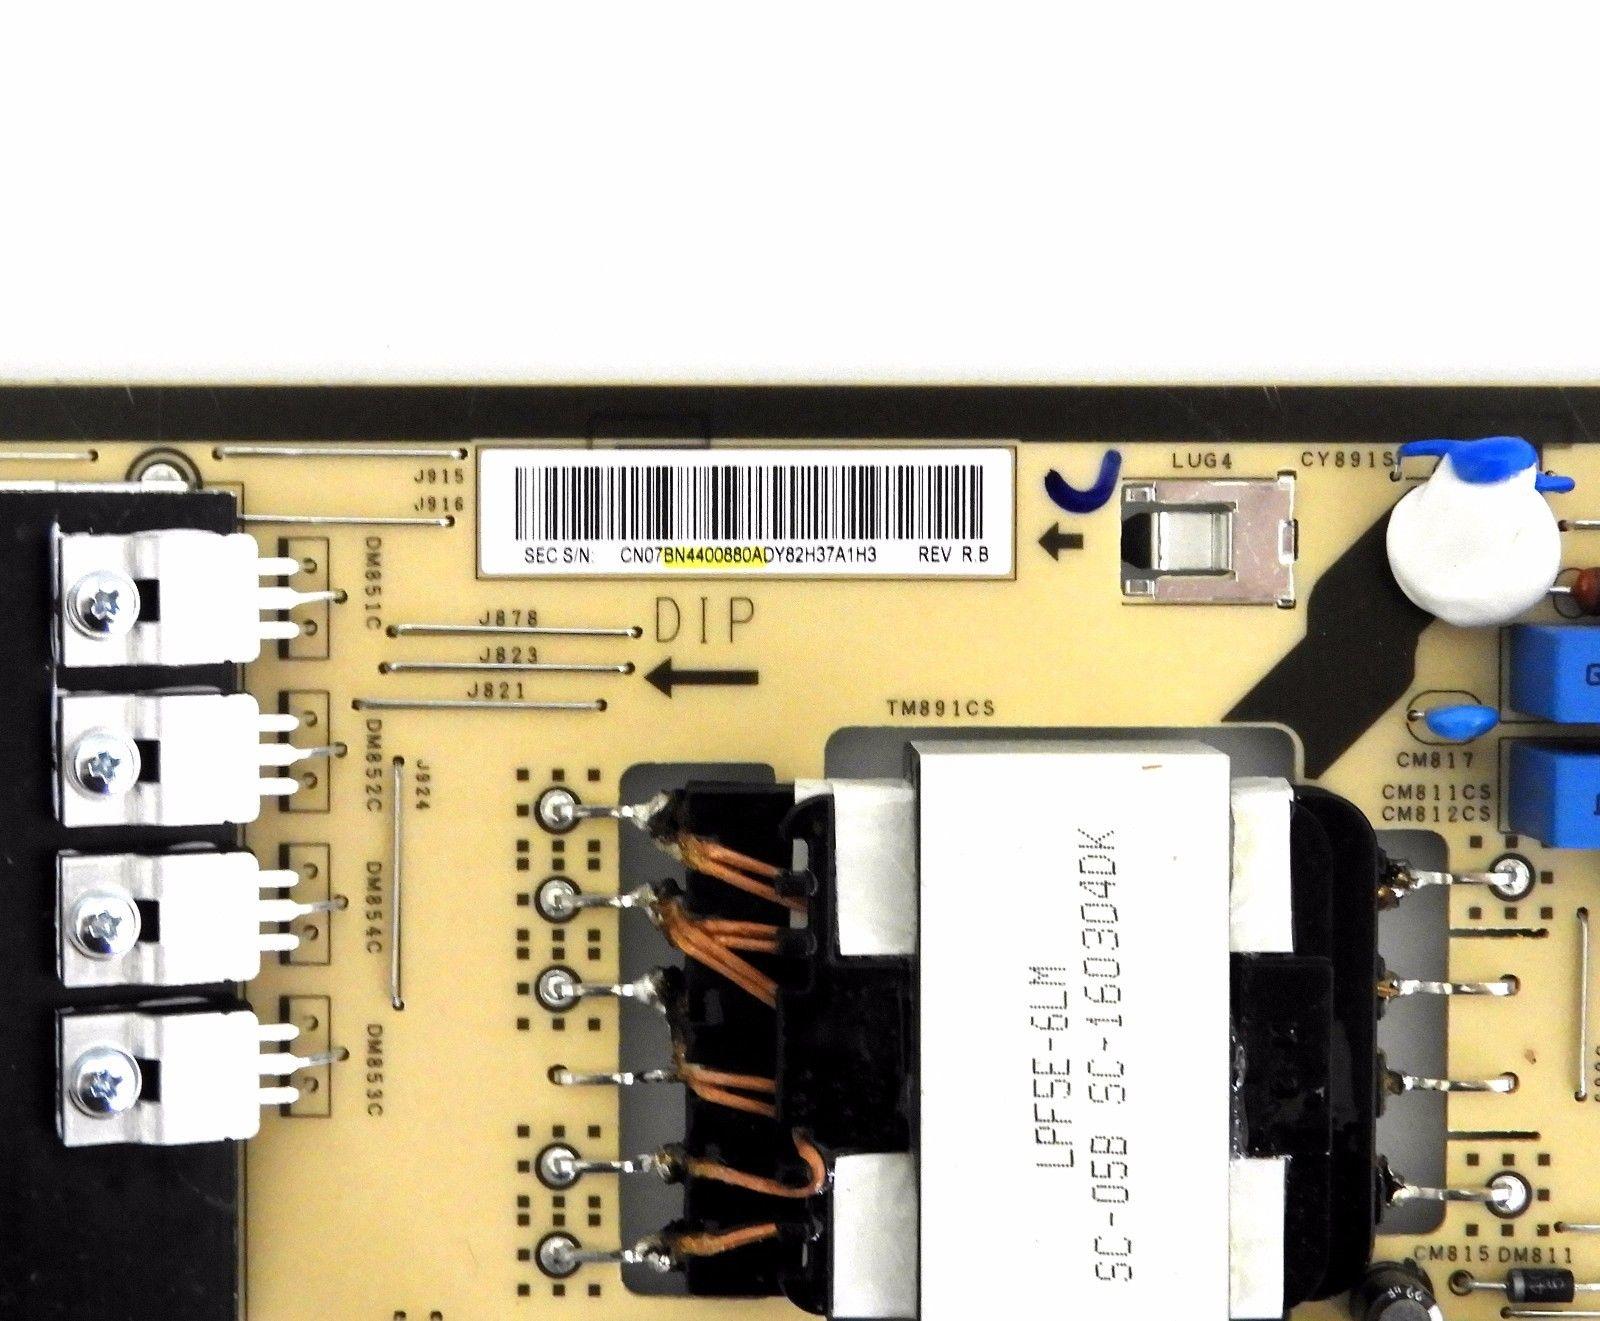 Compatible Samsung BN44-00880A L65E8N/_KSM POWER SUPPLY BOARD for UN65KS8500F